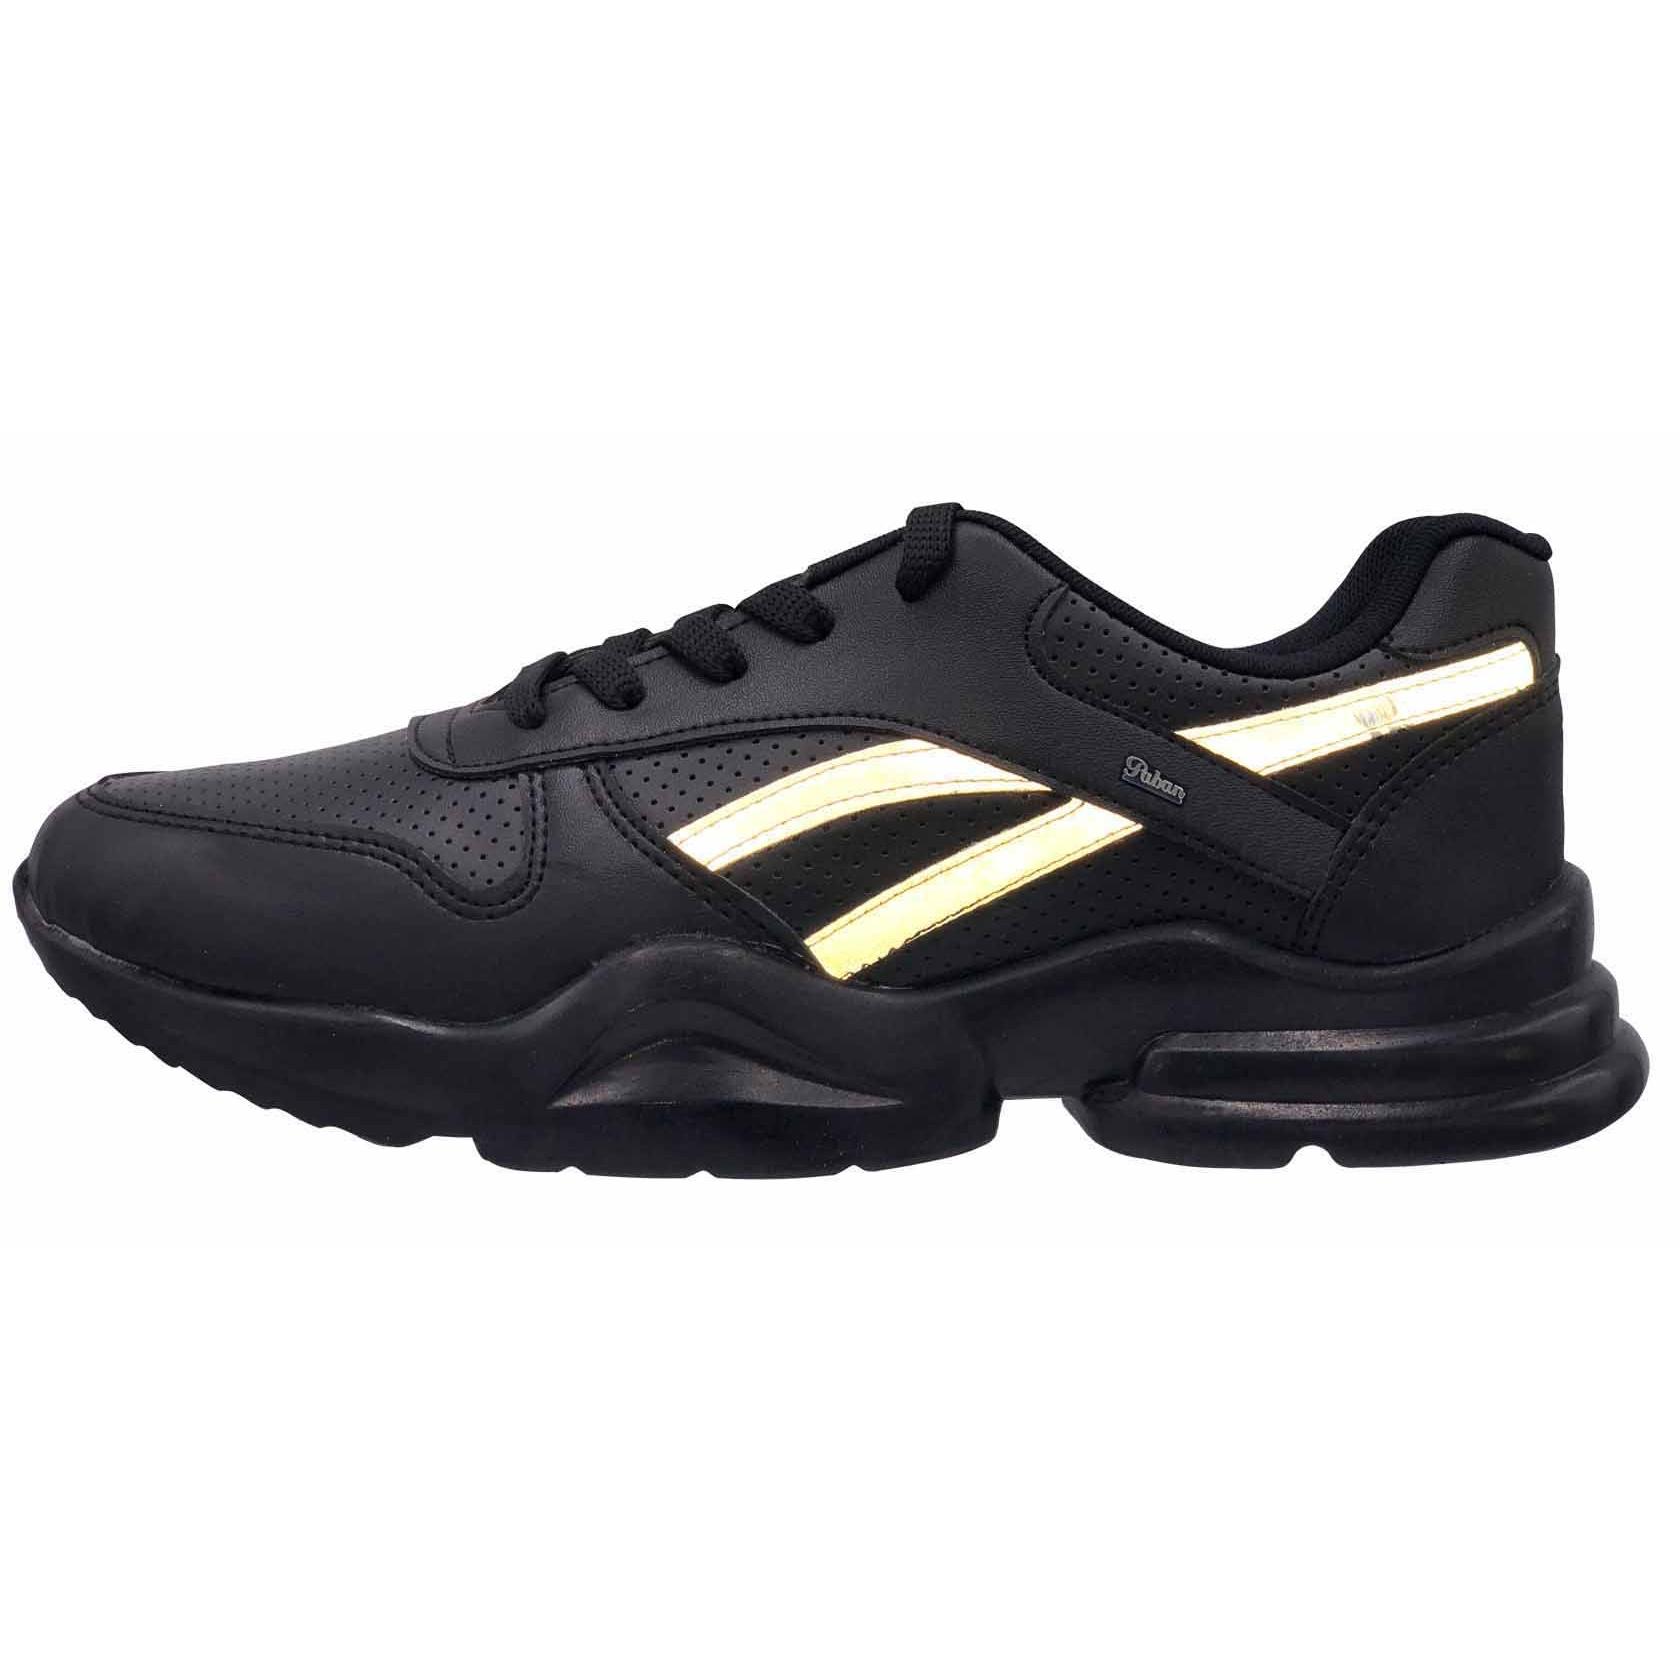 کفش مخصوص پیاده روی زنانه کد 200 P